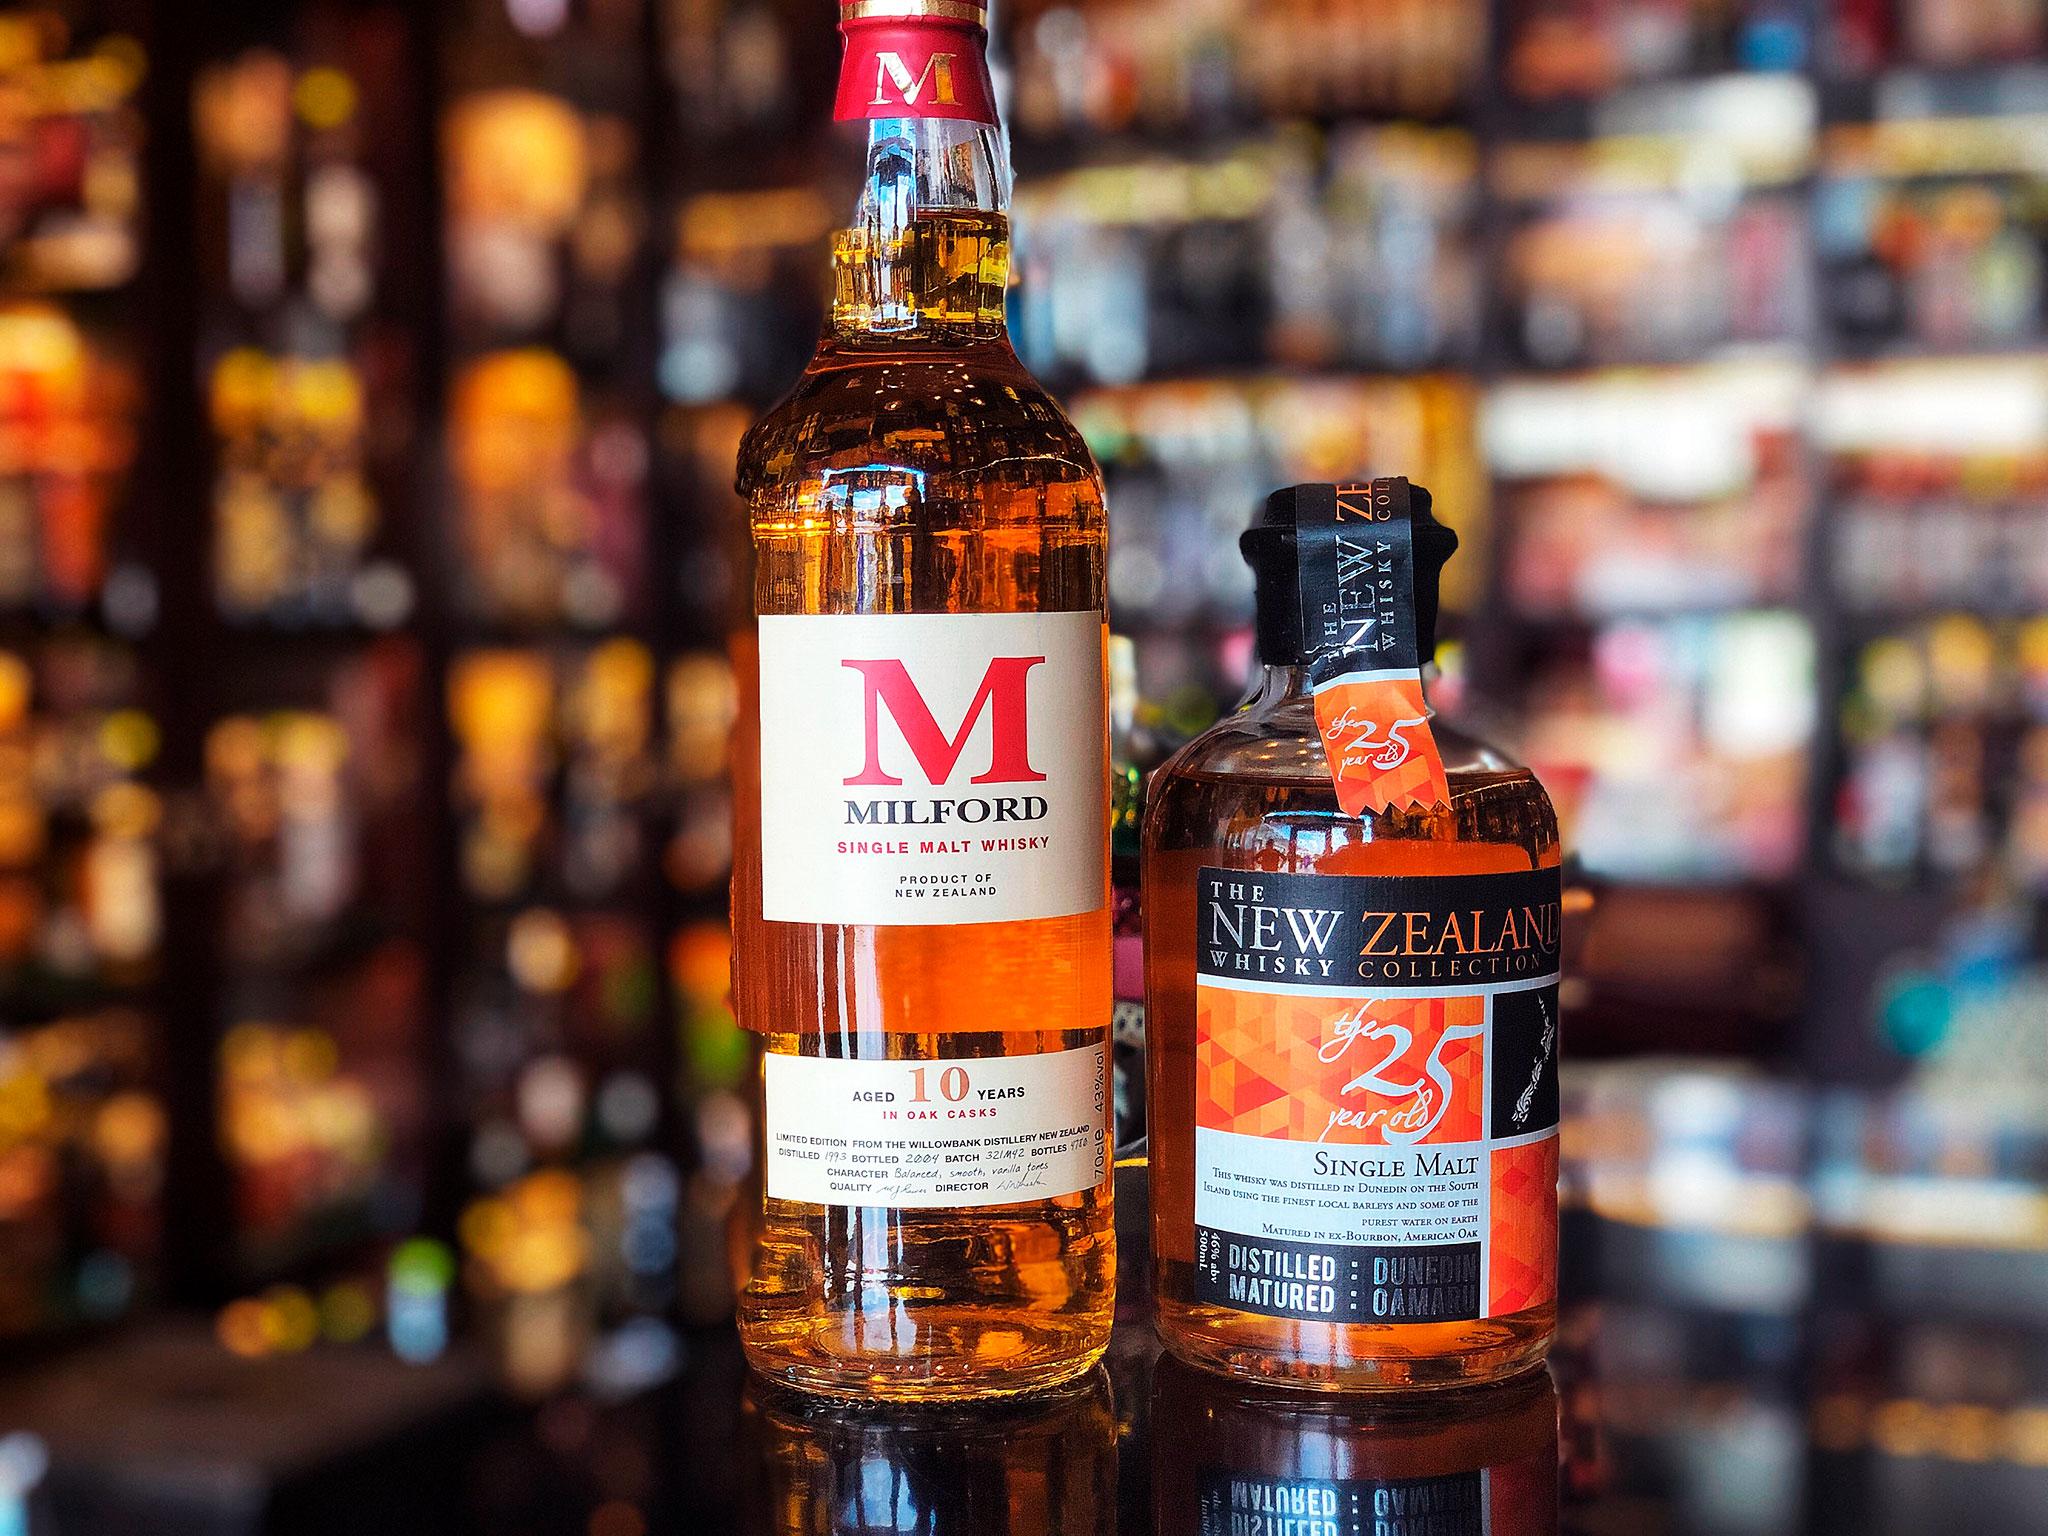 Whisky z kraju Maorysów, kraju długiej, białej chmury! - whisky w Nowej Zelandii